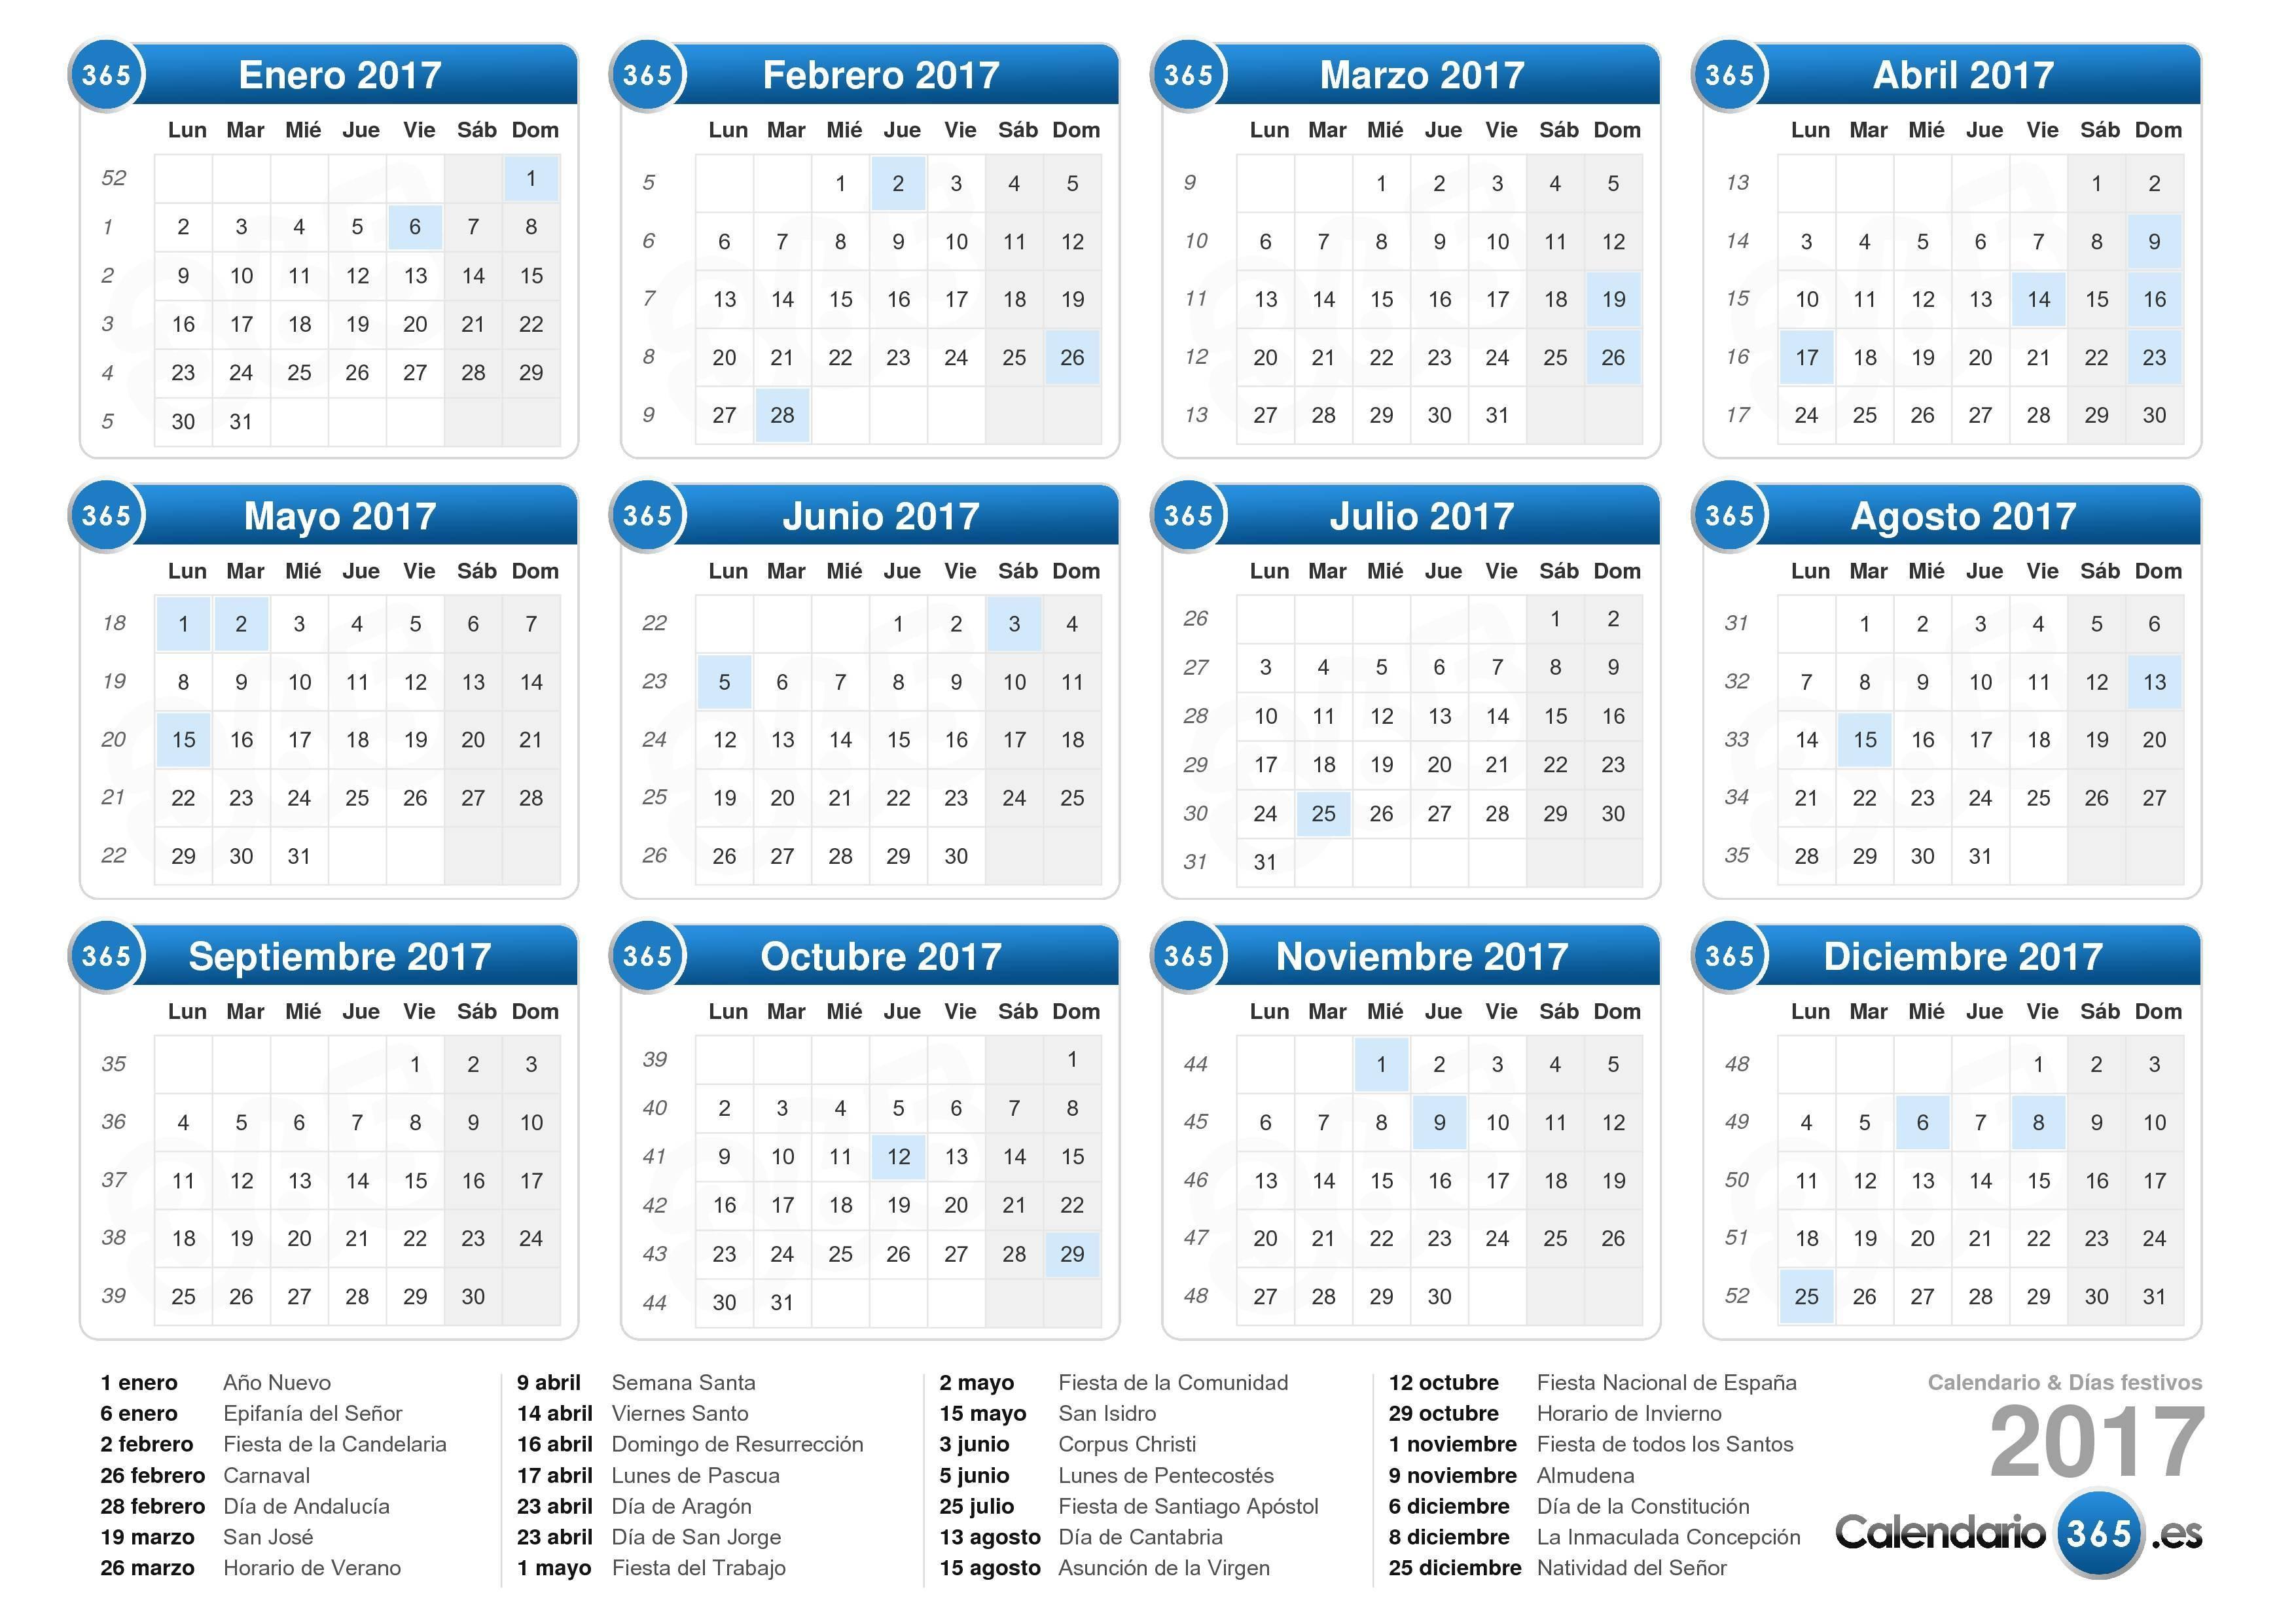 Calendario Para Imprimir Octubre De 2017 Actual Calendario 2017 Of Calendario Para Imprimir Octubre De 2017 Más Populares 2018 October Time Table Calendar October 2018 Calendar